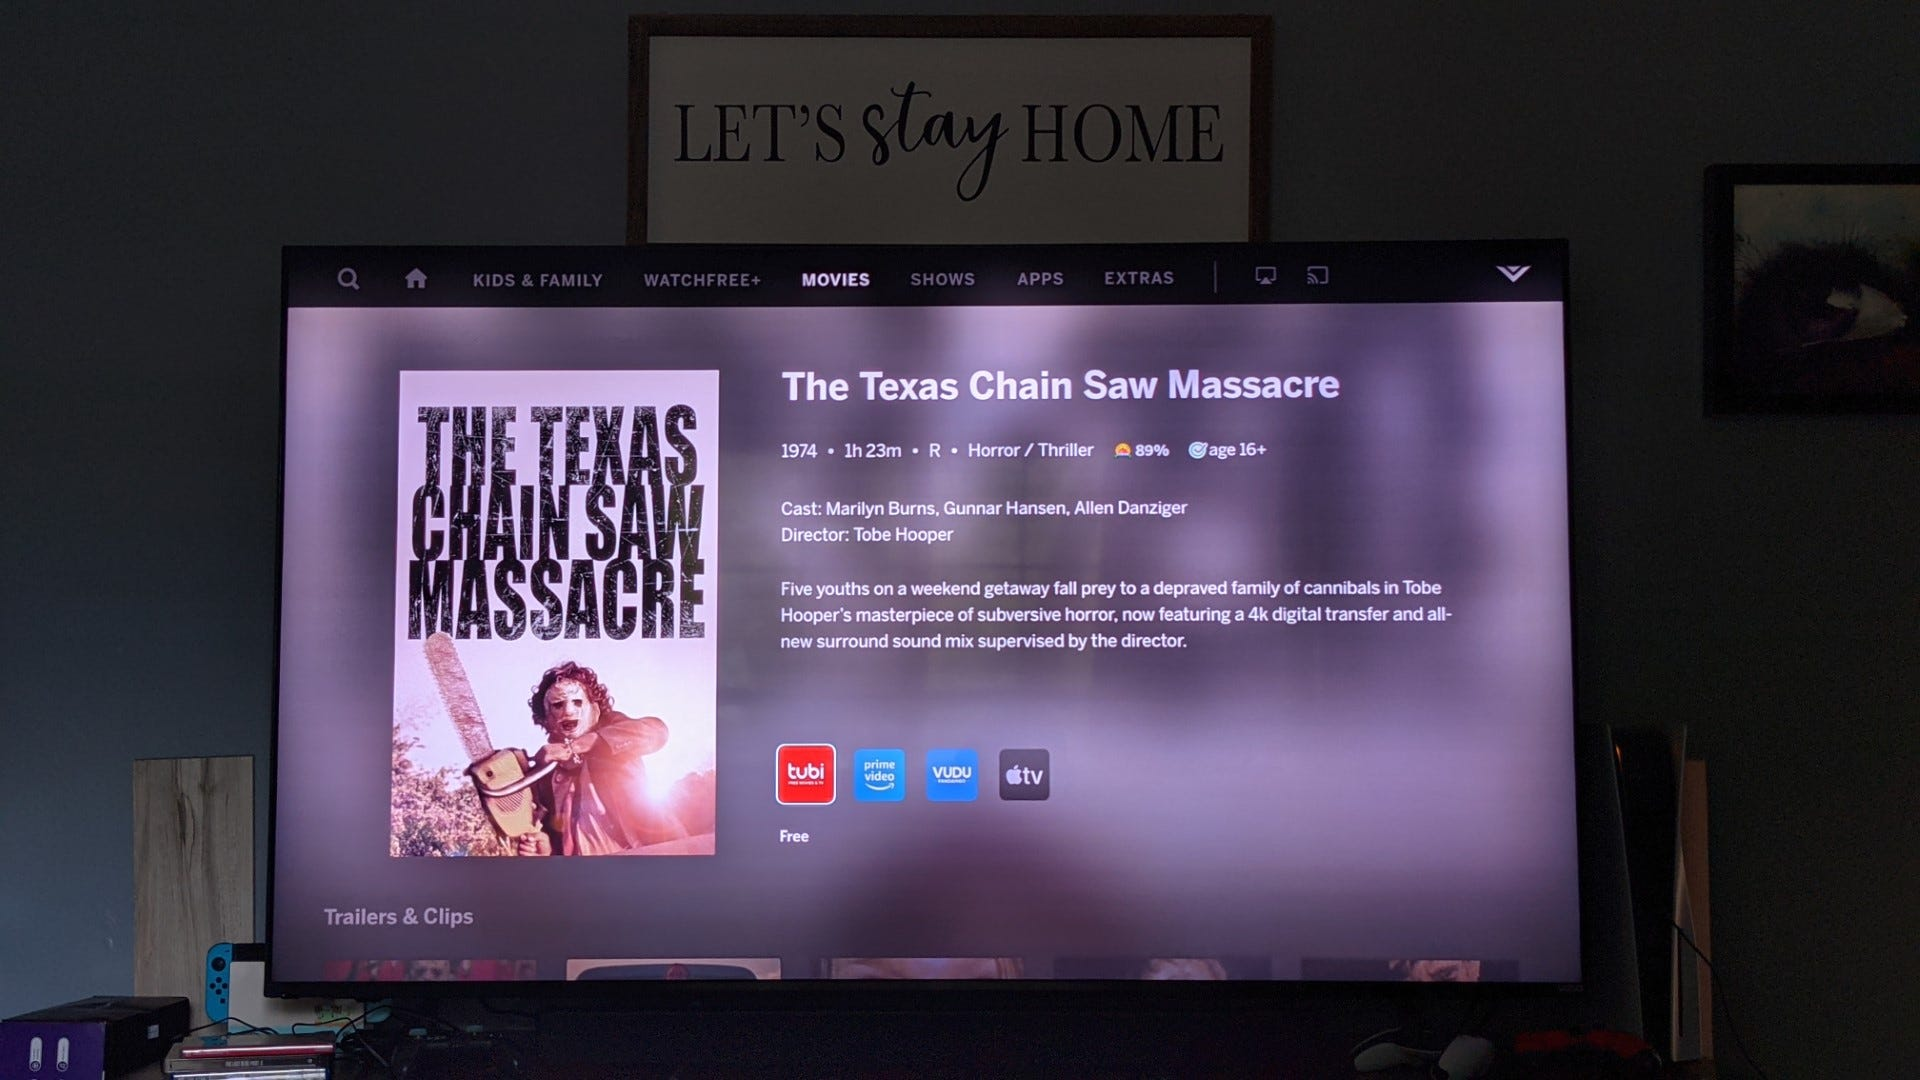 Thảm sát cưa máy ở Texas trên Smartcast